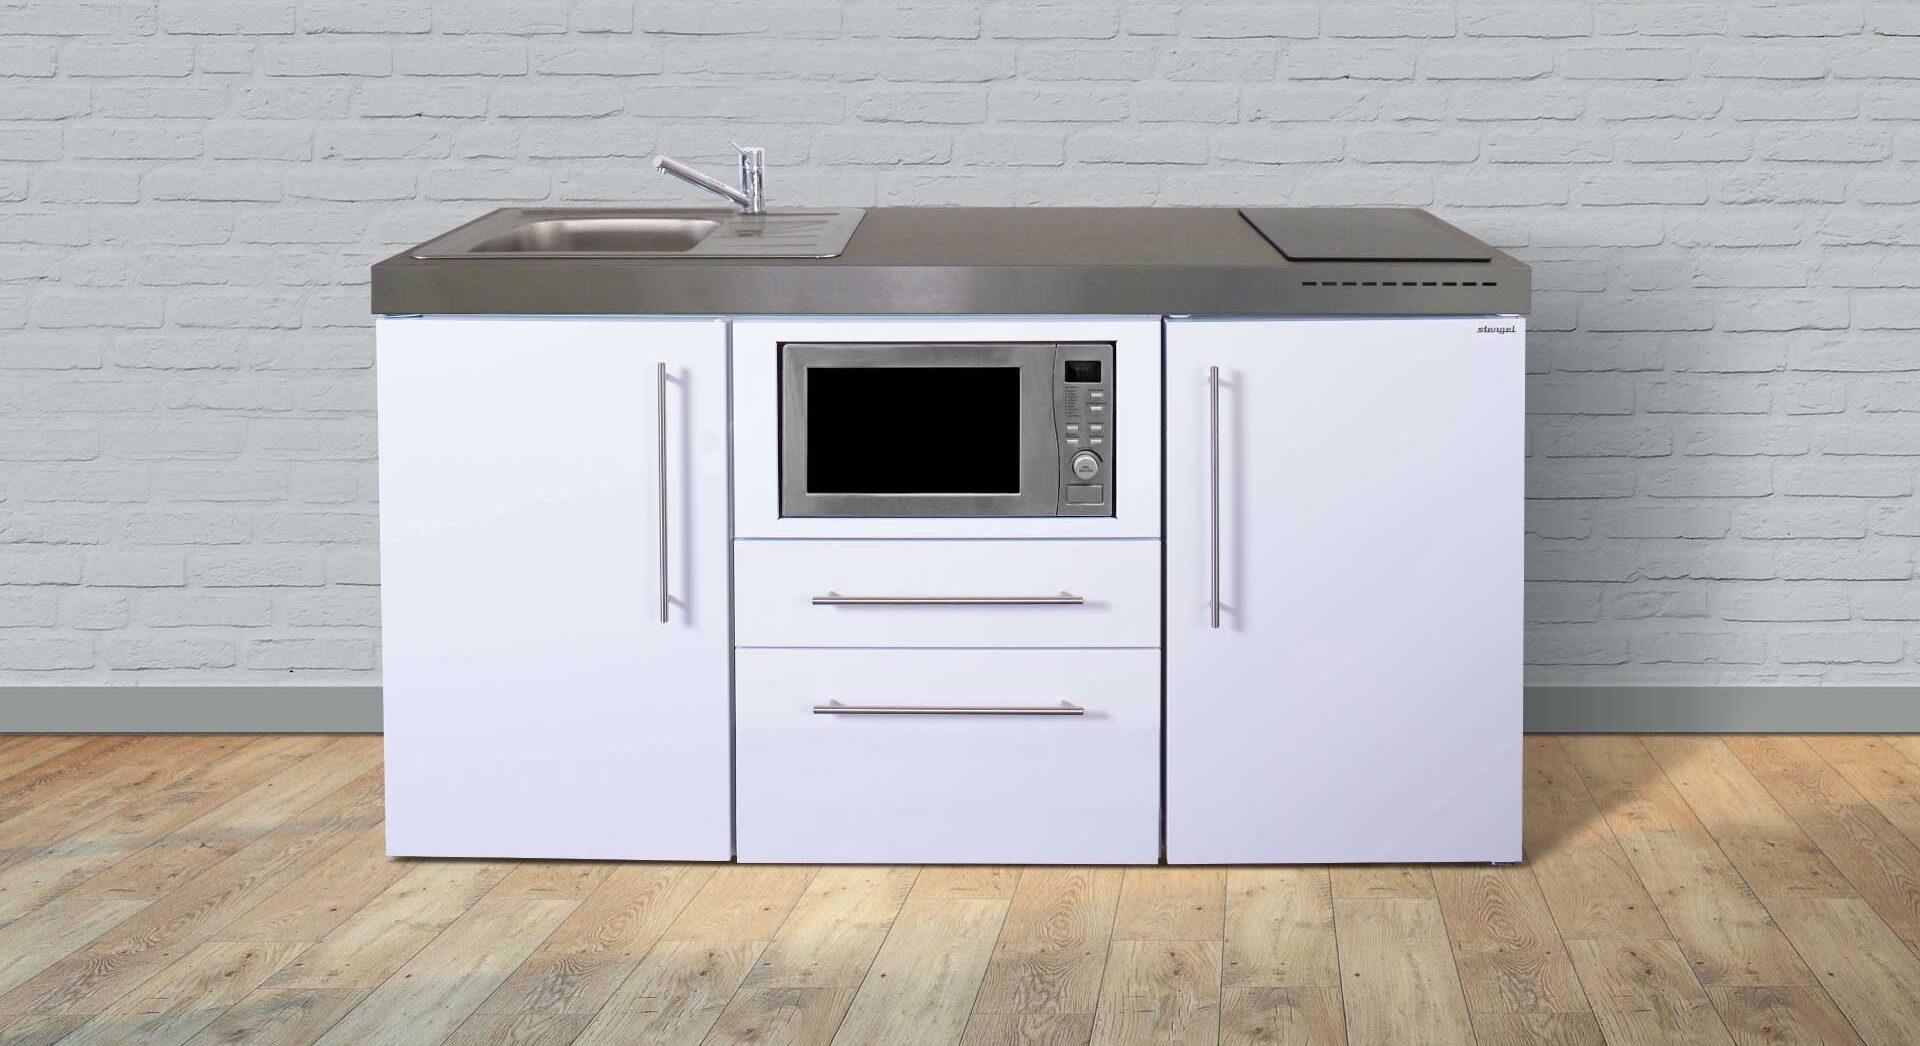 MPM 160 minikøkken i rustfrit stål - inkl. hvidevarer. Attraktiv pris/tilbud, produktinfo og tilvalg. Kontakt Kimbrer Lines på 2512 6789.